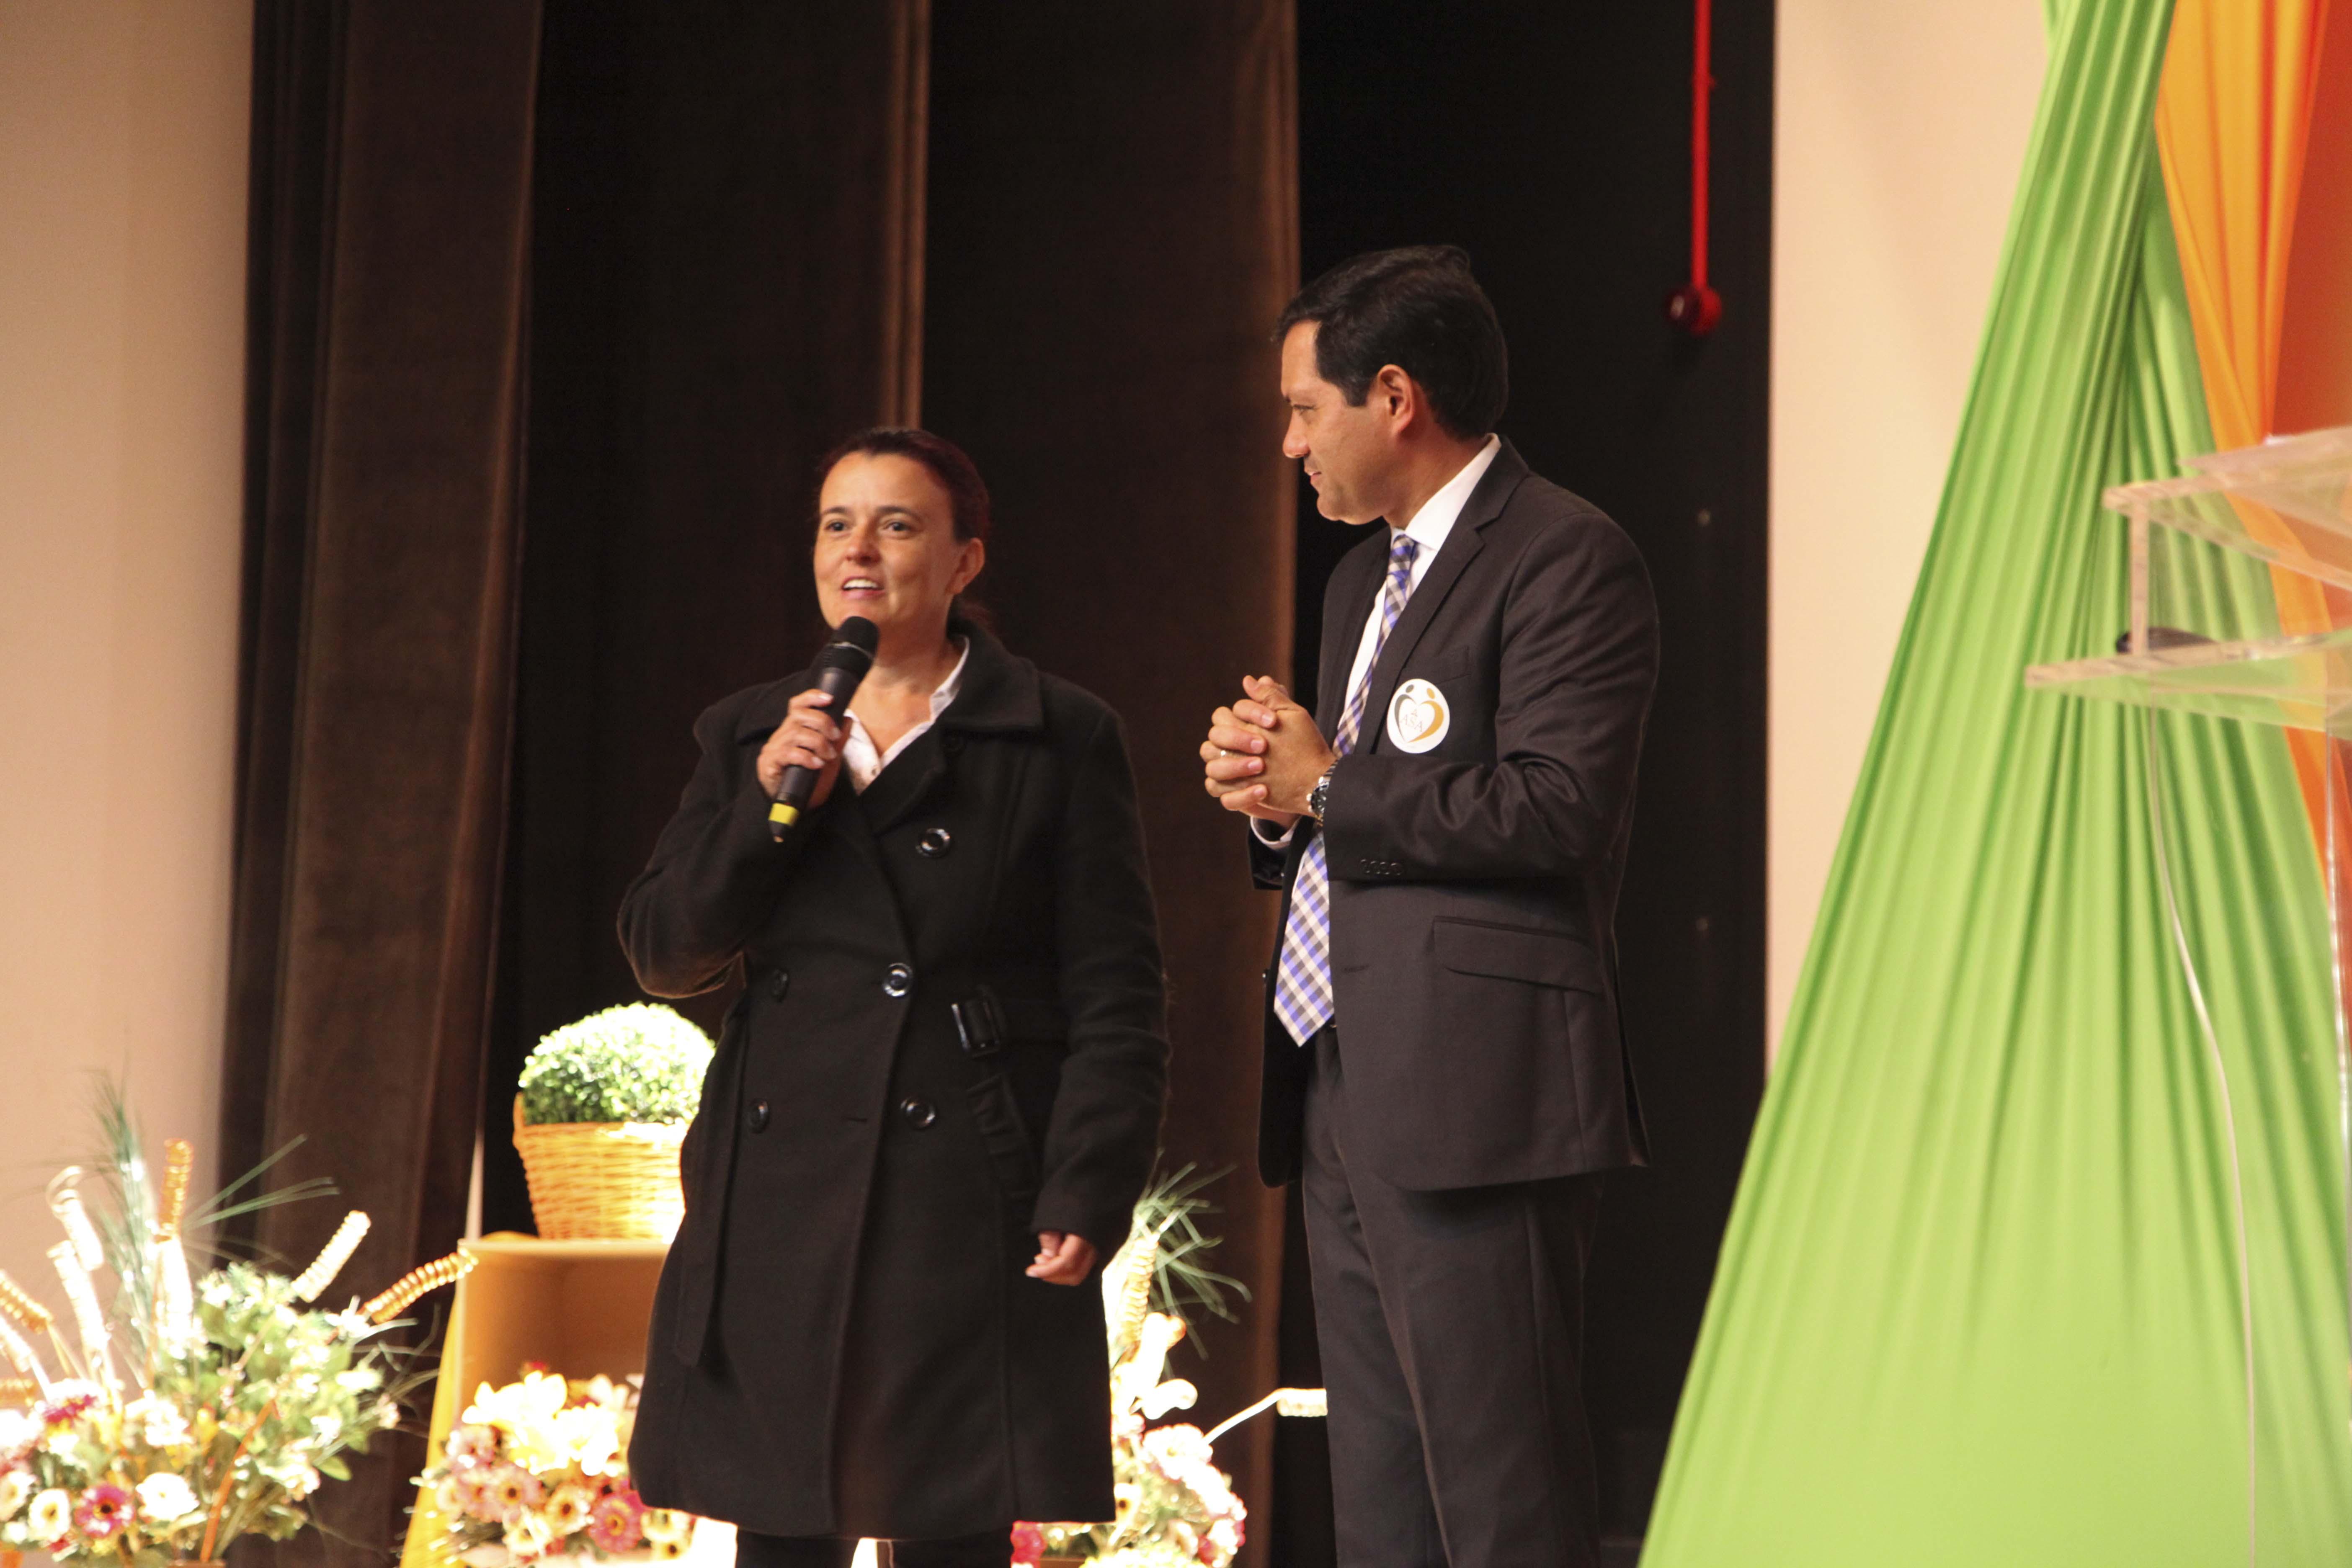 Assumindo a liderança da ASA de sua igreja este ano, Cristiane mobilizou todos os membros e outras igrejas na campanha dos Amigos do Adrian